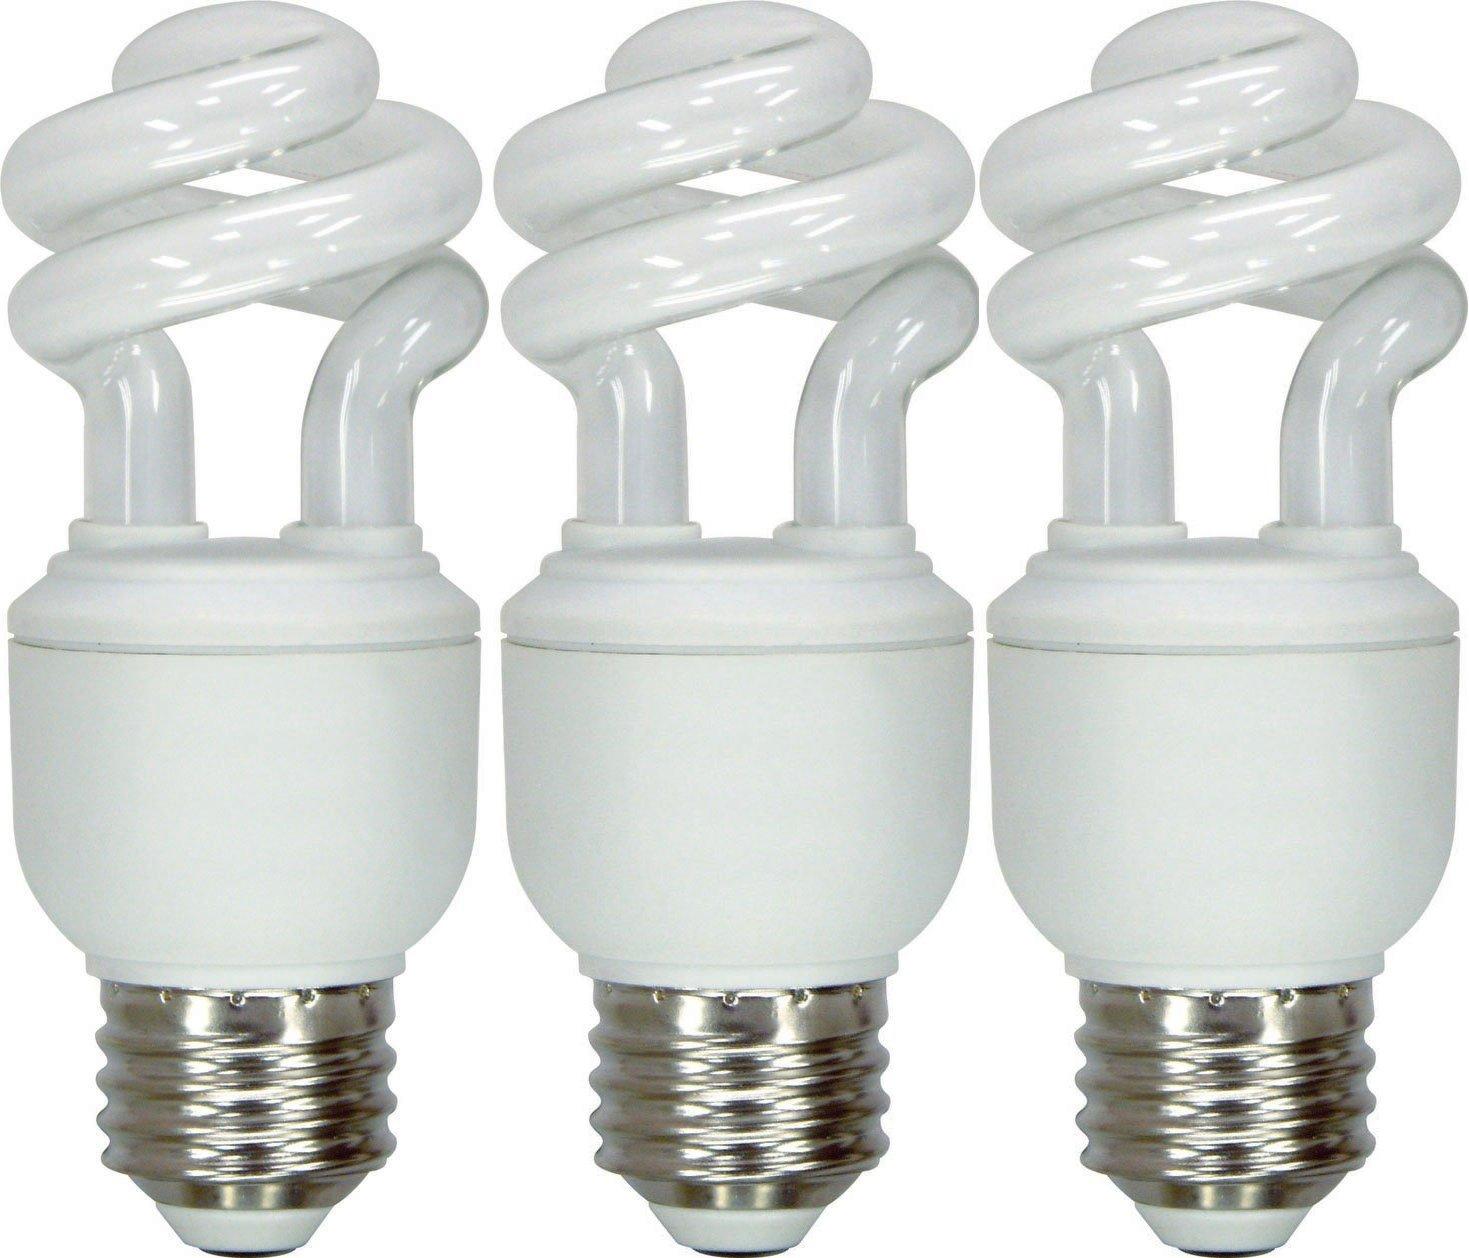 GE Lighting 97688 Energy Smart Spiral CFL 10-Watt (40-watt replacement) 520-Lumen T3 Spiral Light Bulb with Medium Base, 3-Pack